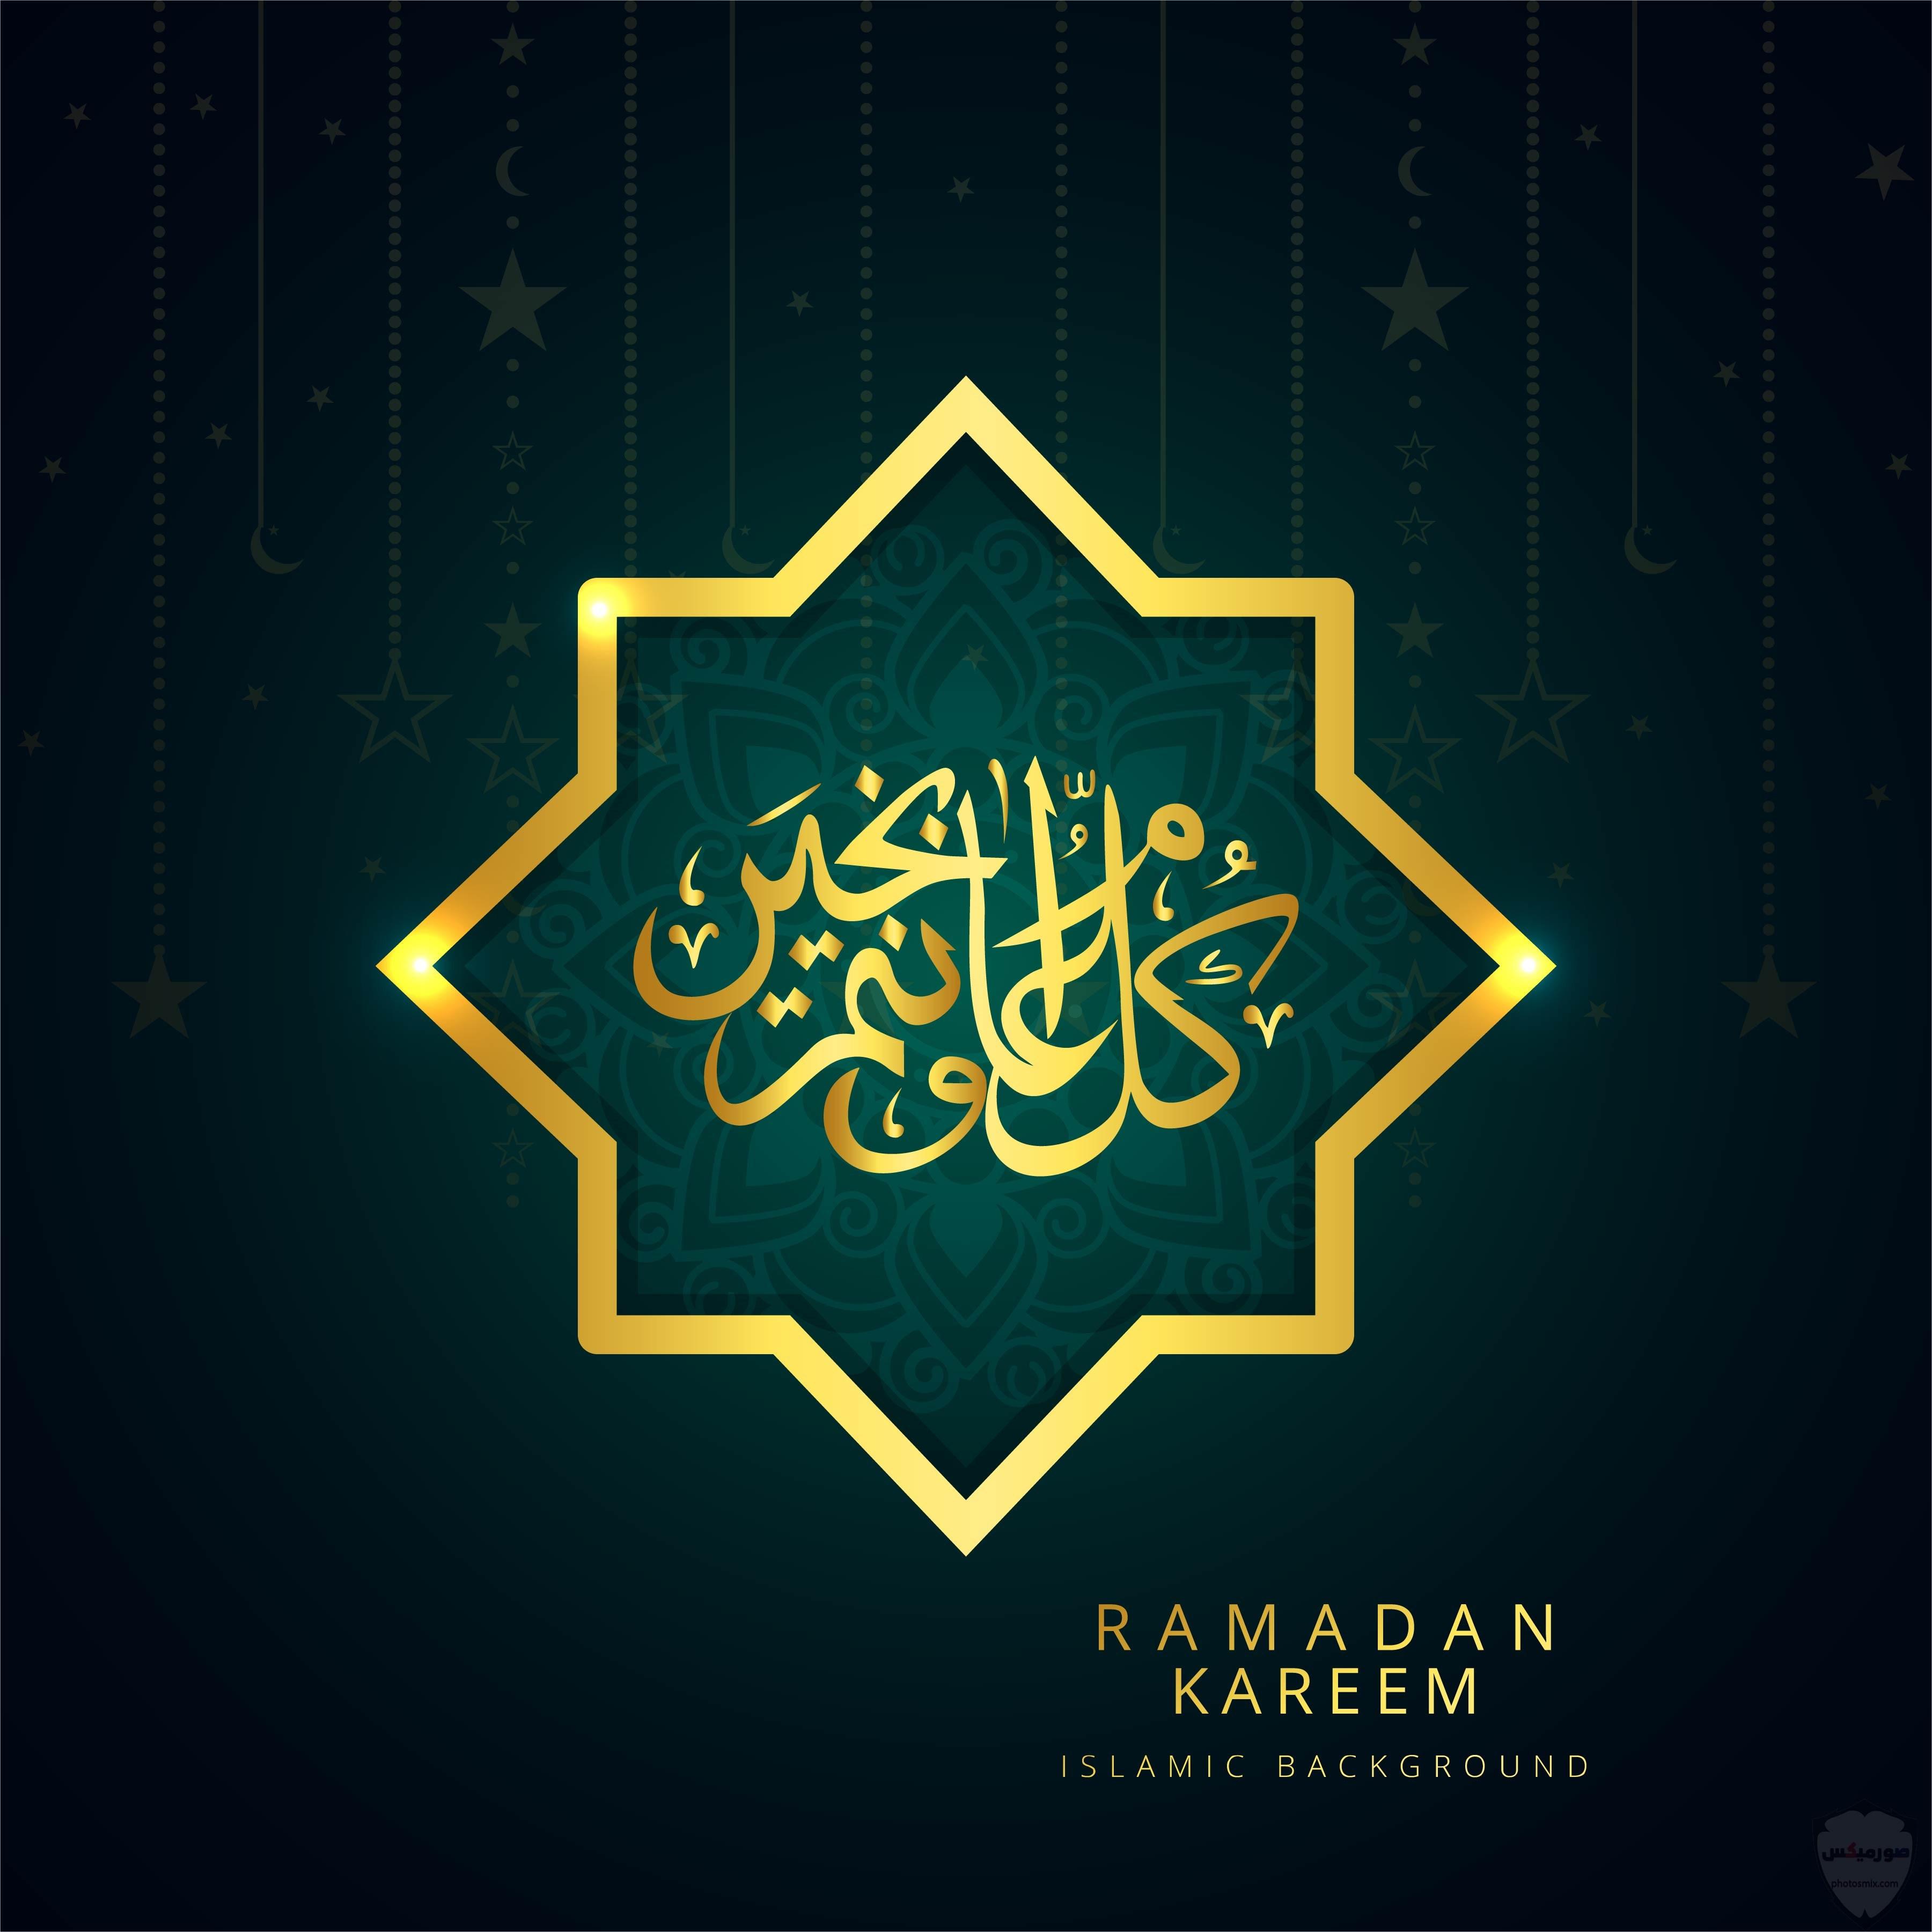 صور رمضان 2020 صور اهلا رمضان 2020 صور ادعية رمضانية 5